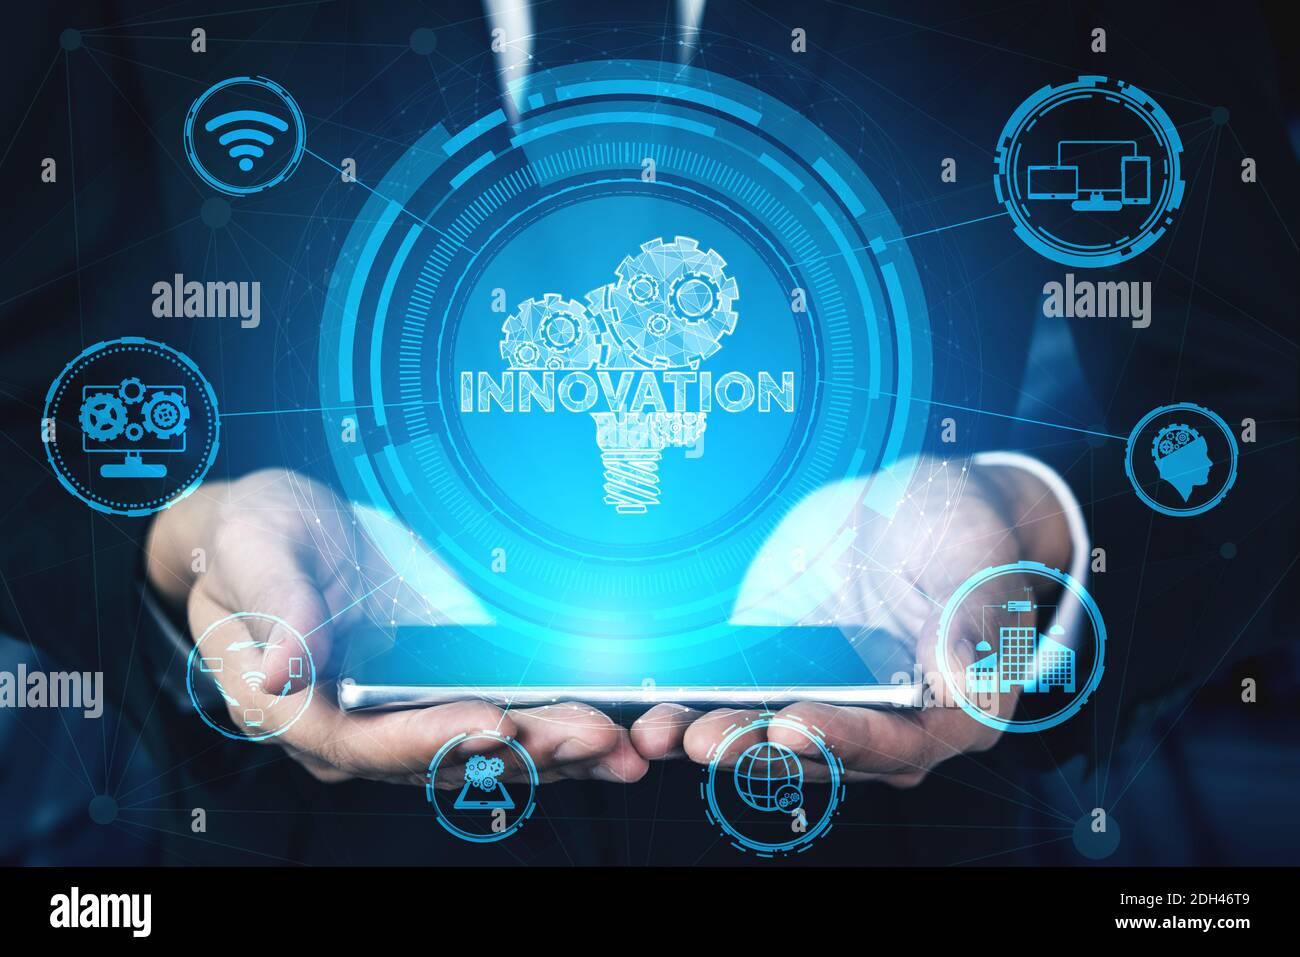 Innovation Technologie für Business Finance Konzept. Moderne grafische Oberfläche, die Symbol für innovative Ideen Denken, Forschung und Entwicklung zeigt Stockfoto